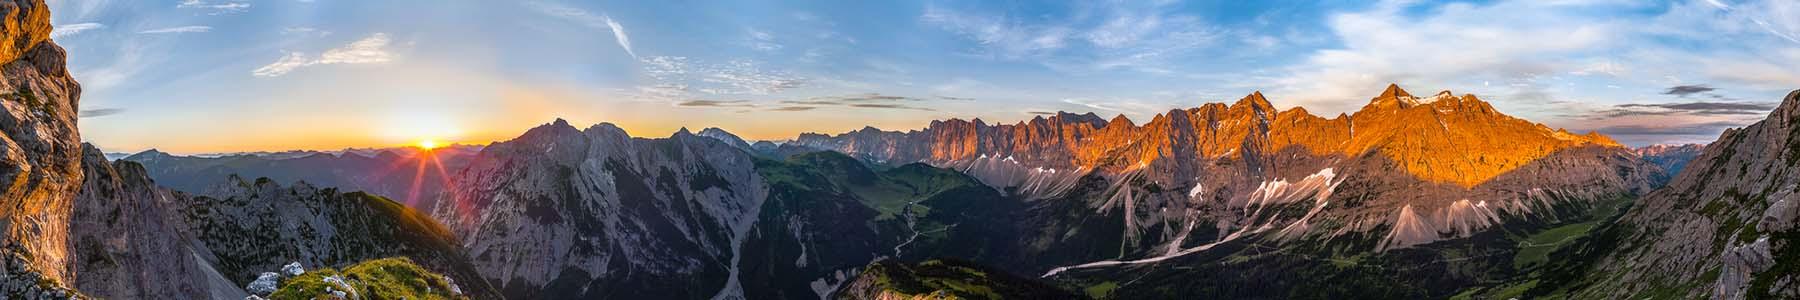 Karwendel - Landschaftsbild